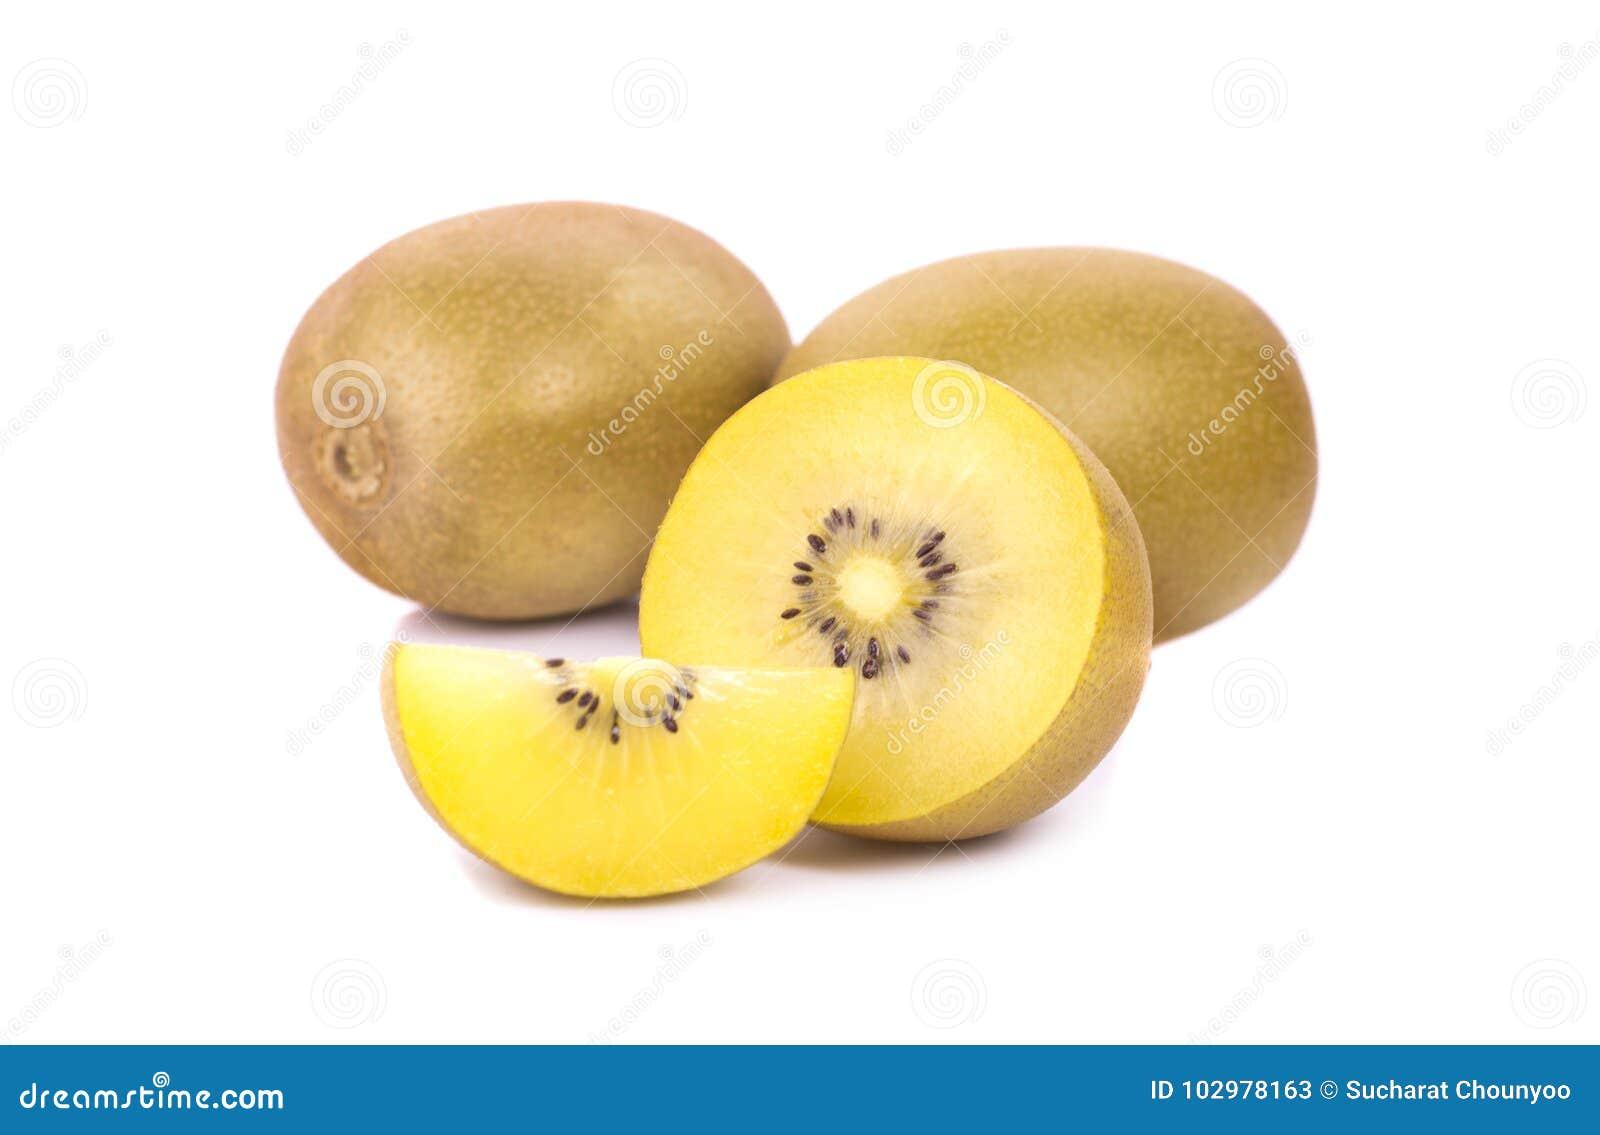 Gold kiwis fruit on a white background